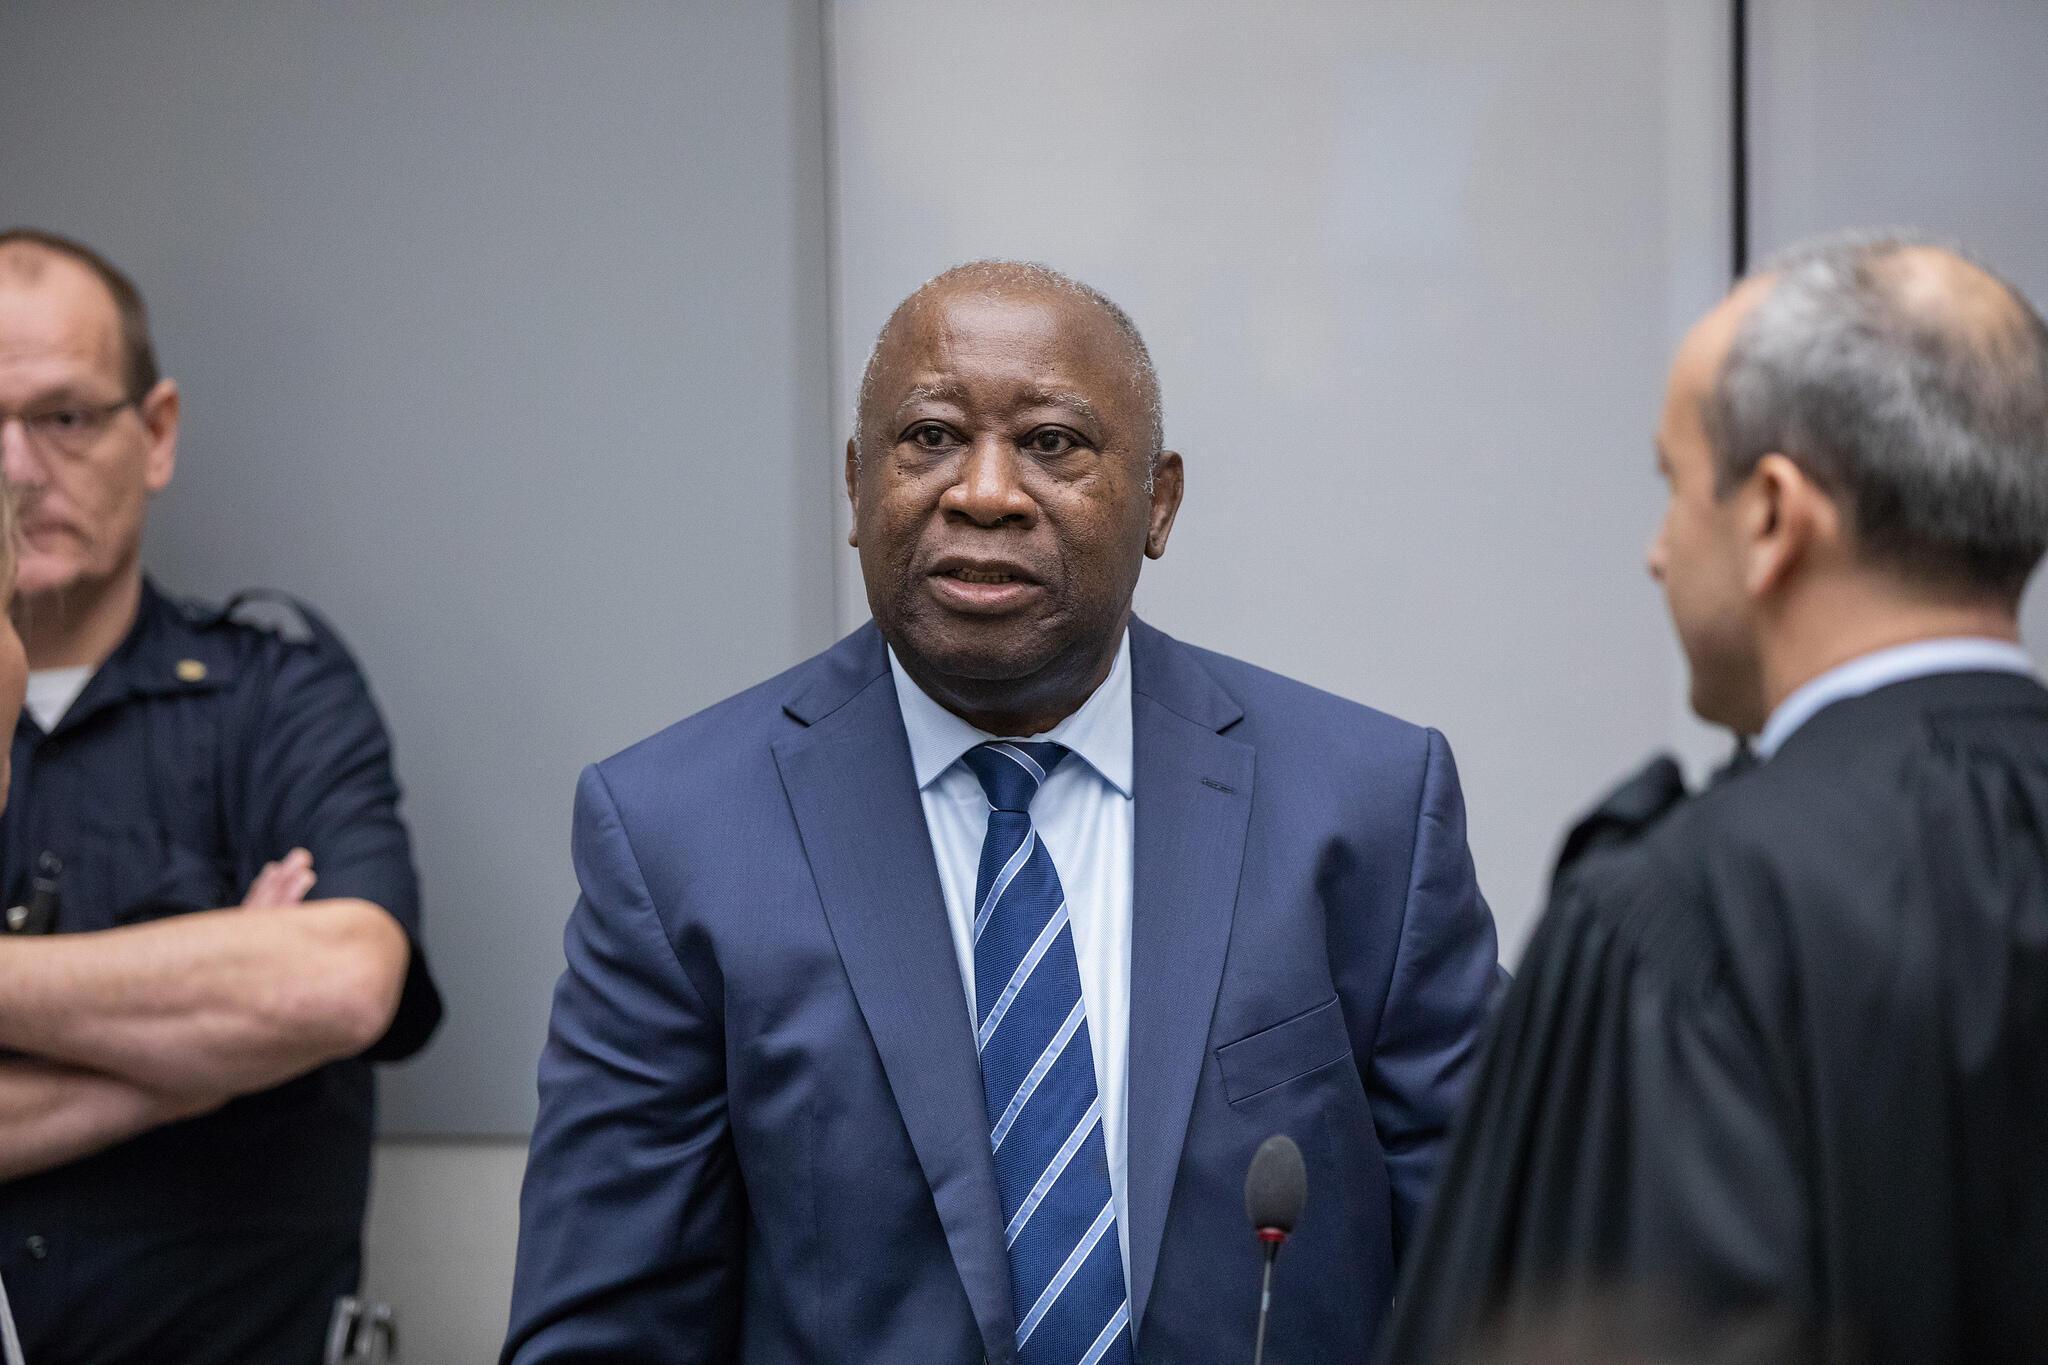 L'ancien président ivoirien Laurent Gbagbo et son avocat Emmanuel Altit à la Cour pénale internationale, le 15 janvier 2019.